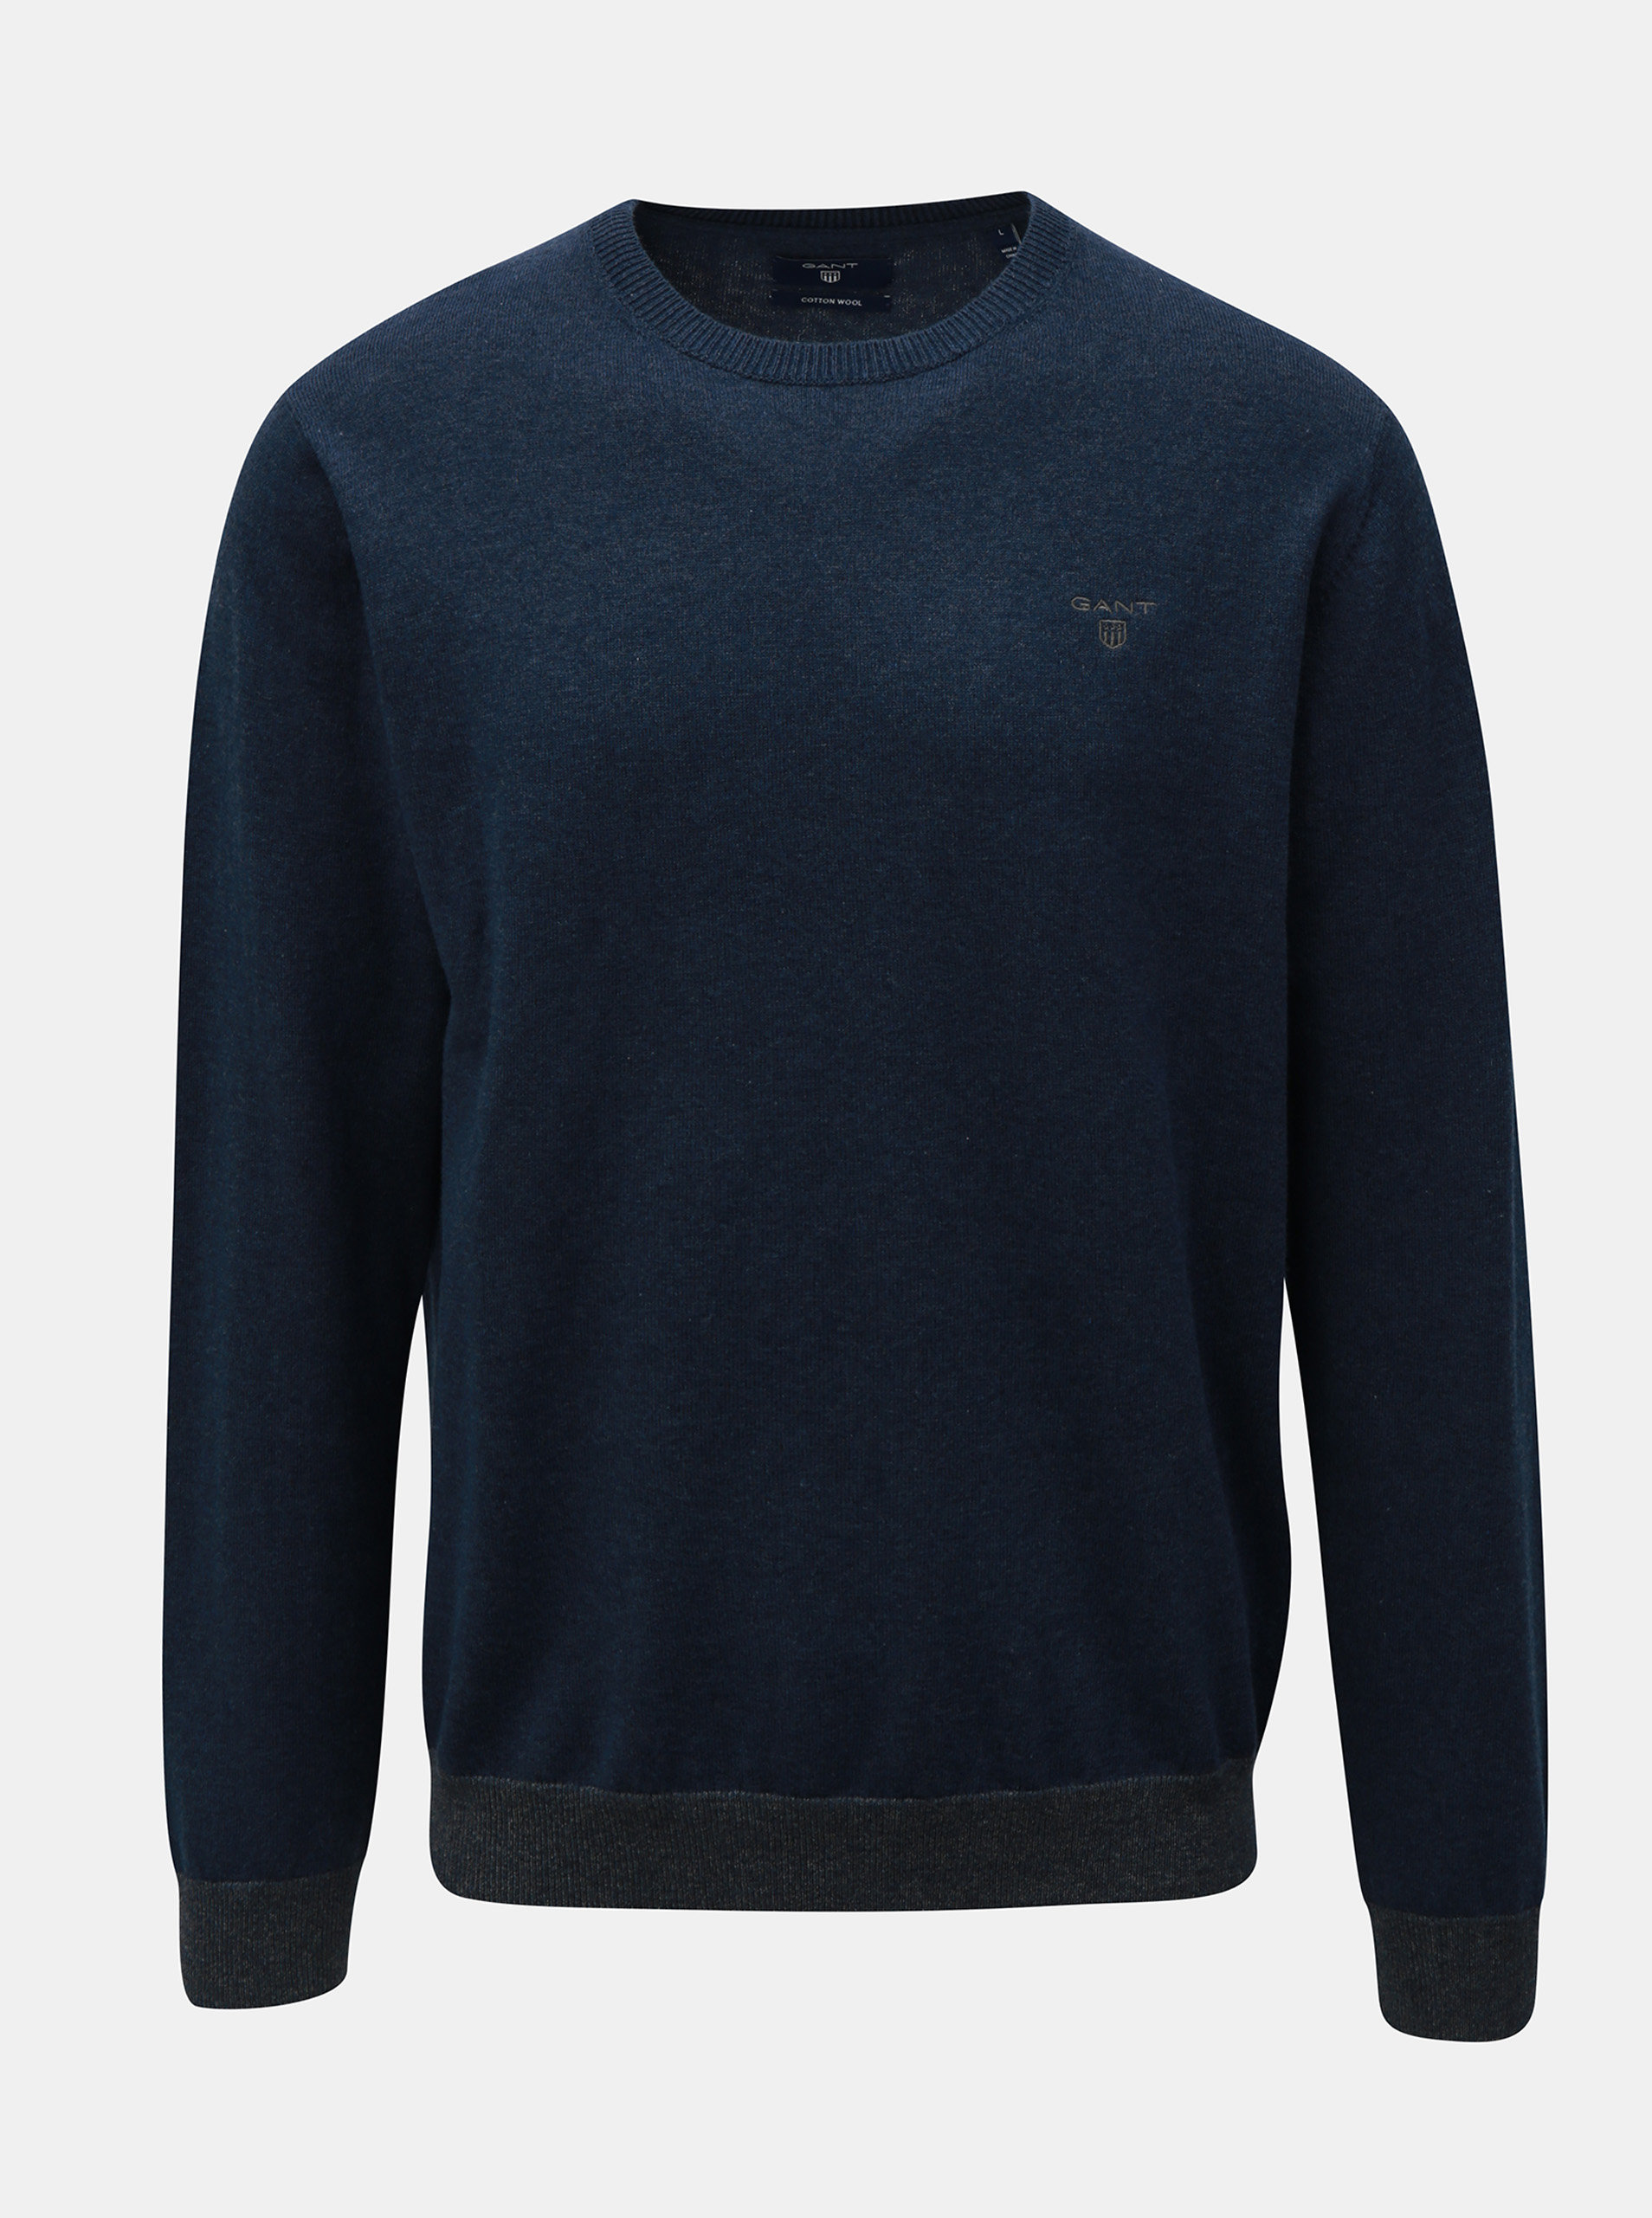 Modrý pánský svetr s příměsí vlny GANT Elbow